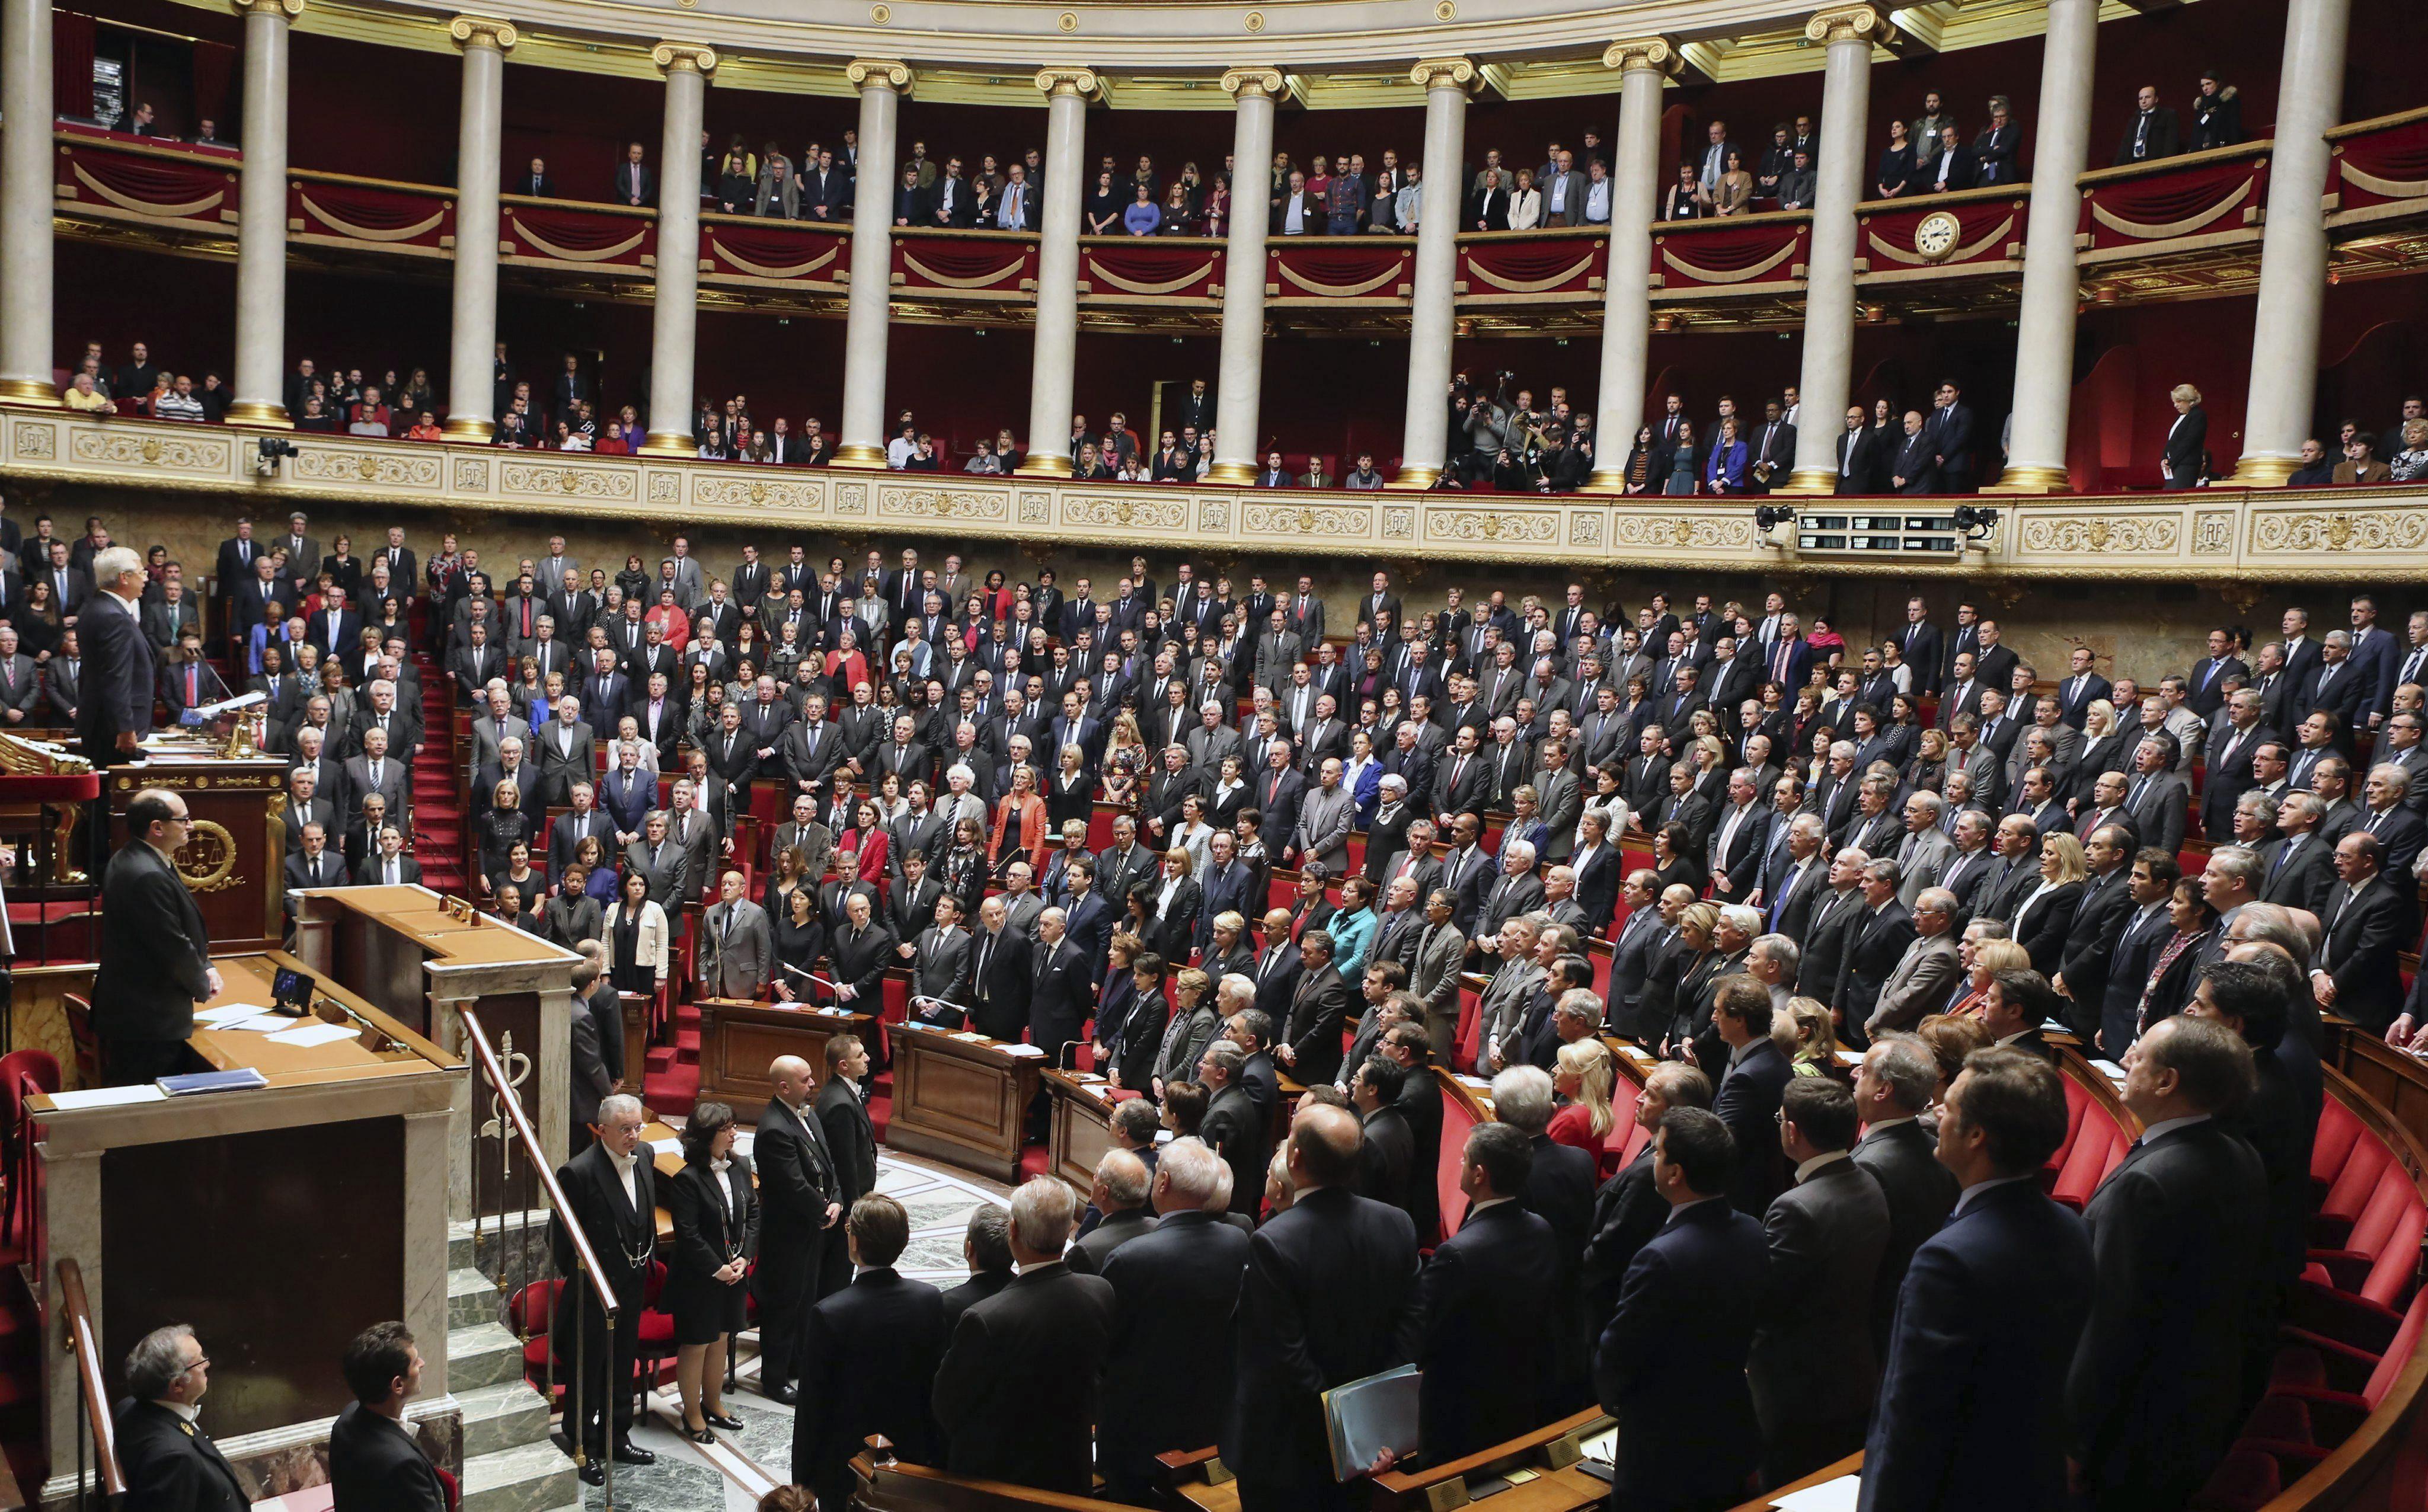 Miembros del parlamento francés guardan un minuto de silencio por las víctimas de los recientes atentados yihadistas en la sede del Parlamento en París,